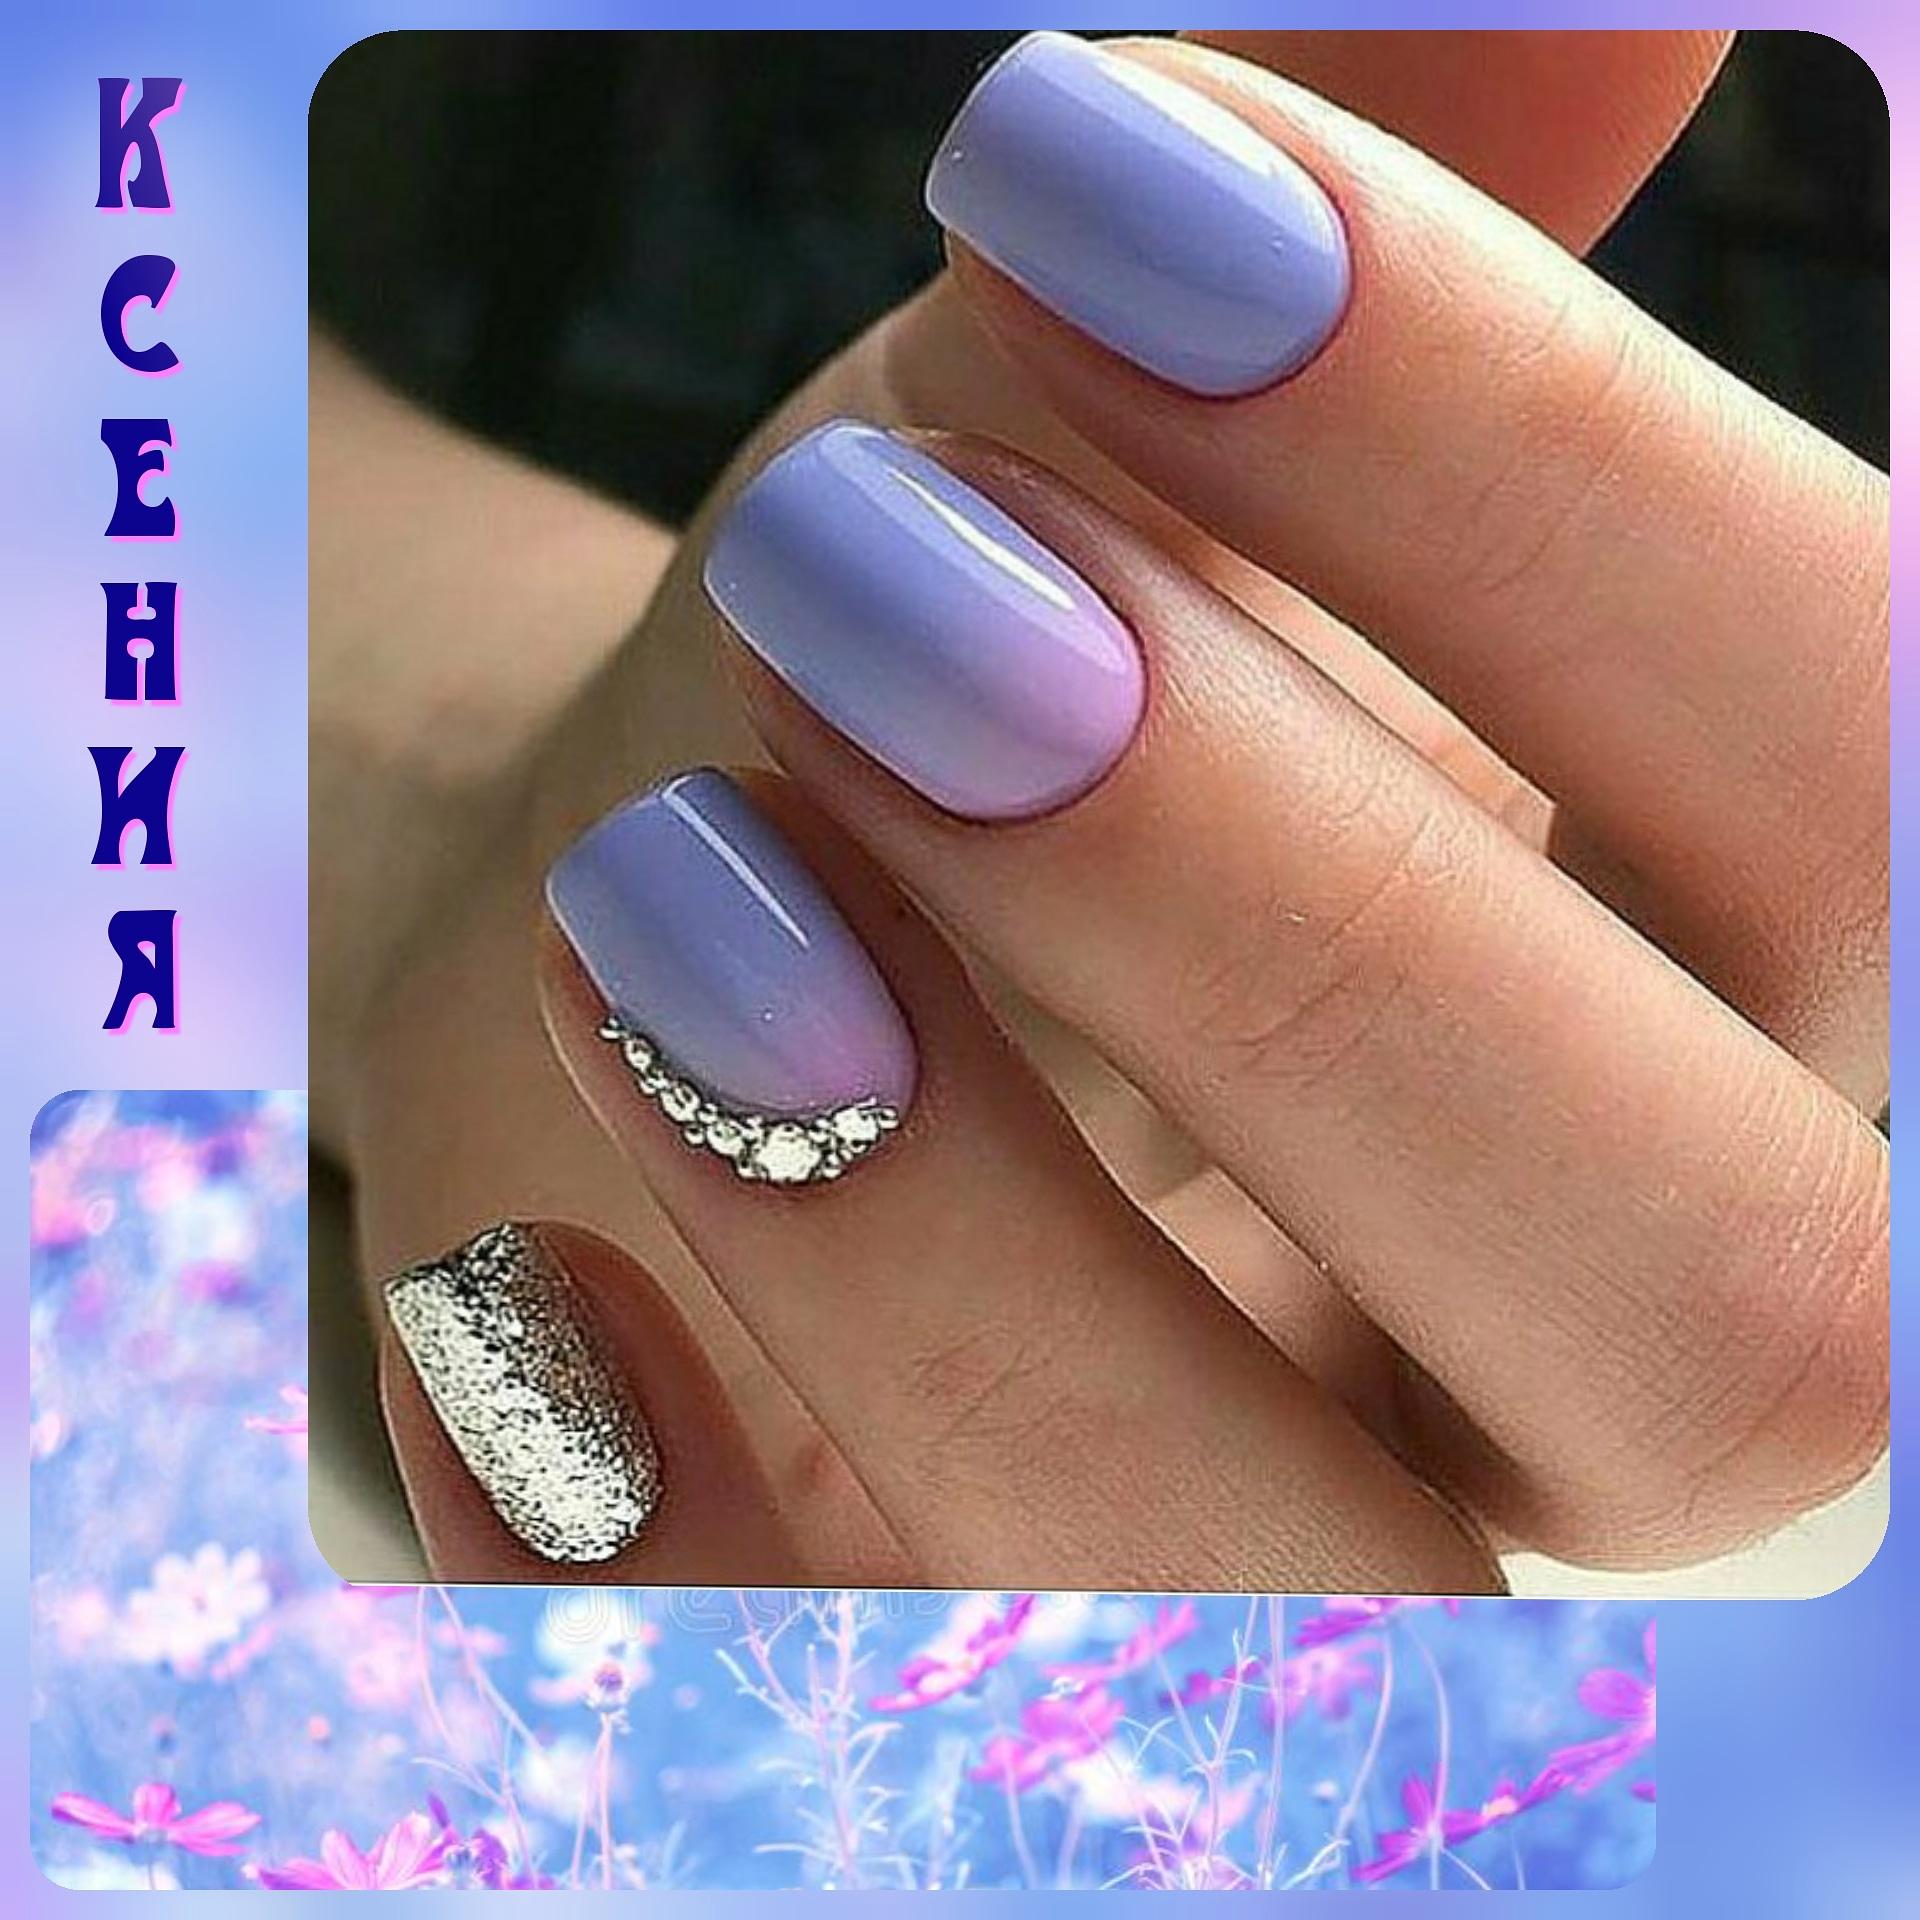 Маникюр с градиентом, стразами и серебряными блестками в фиолетовом цвете.